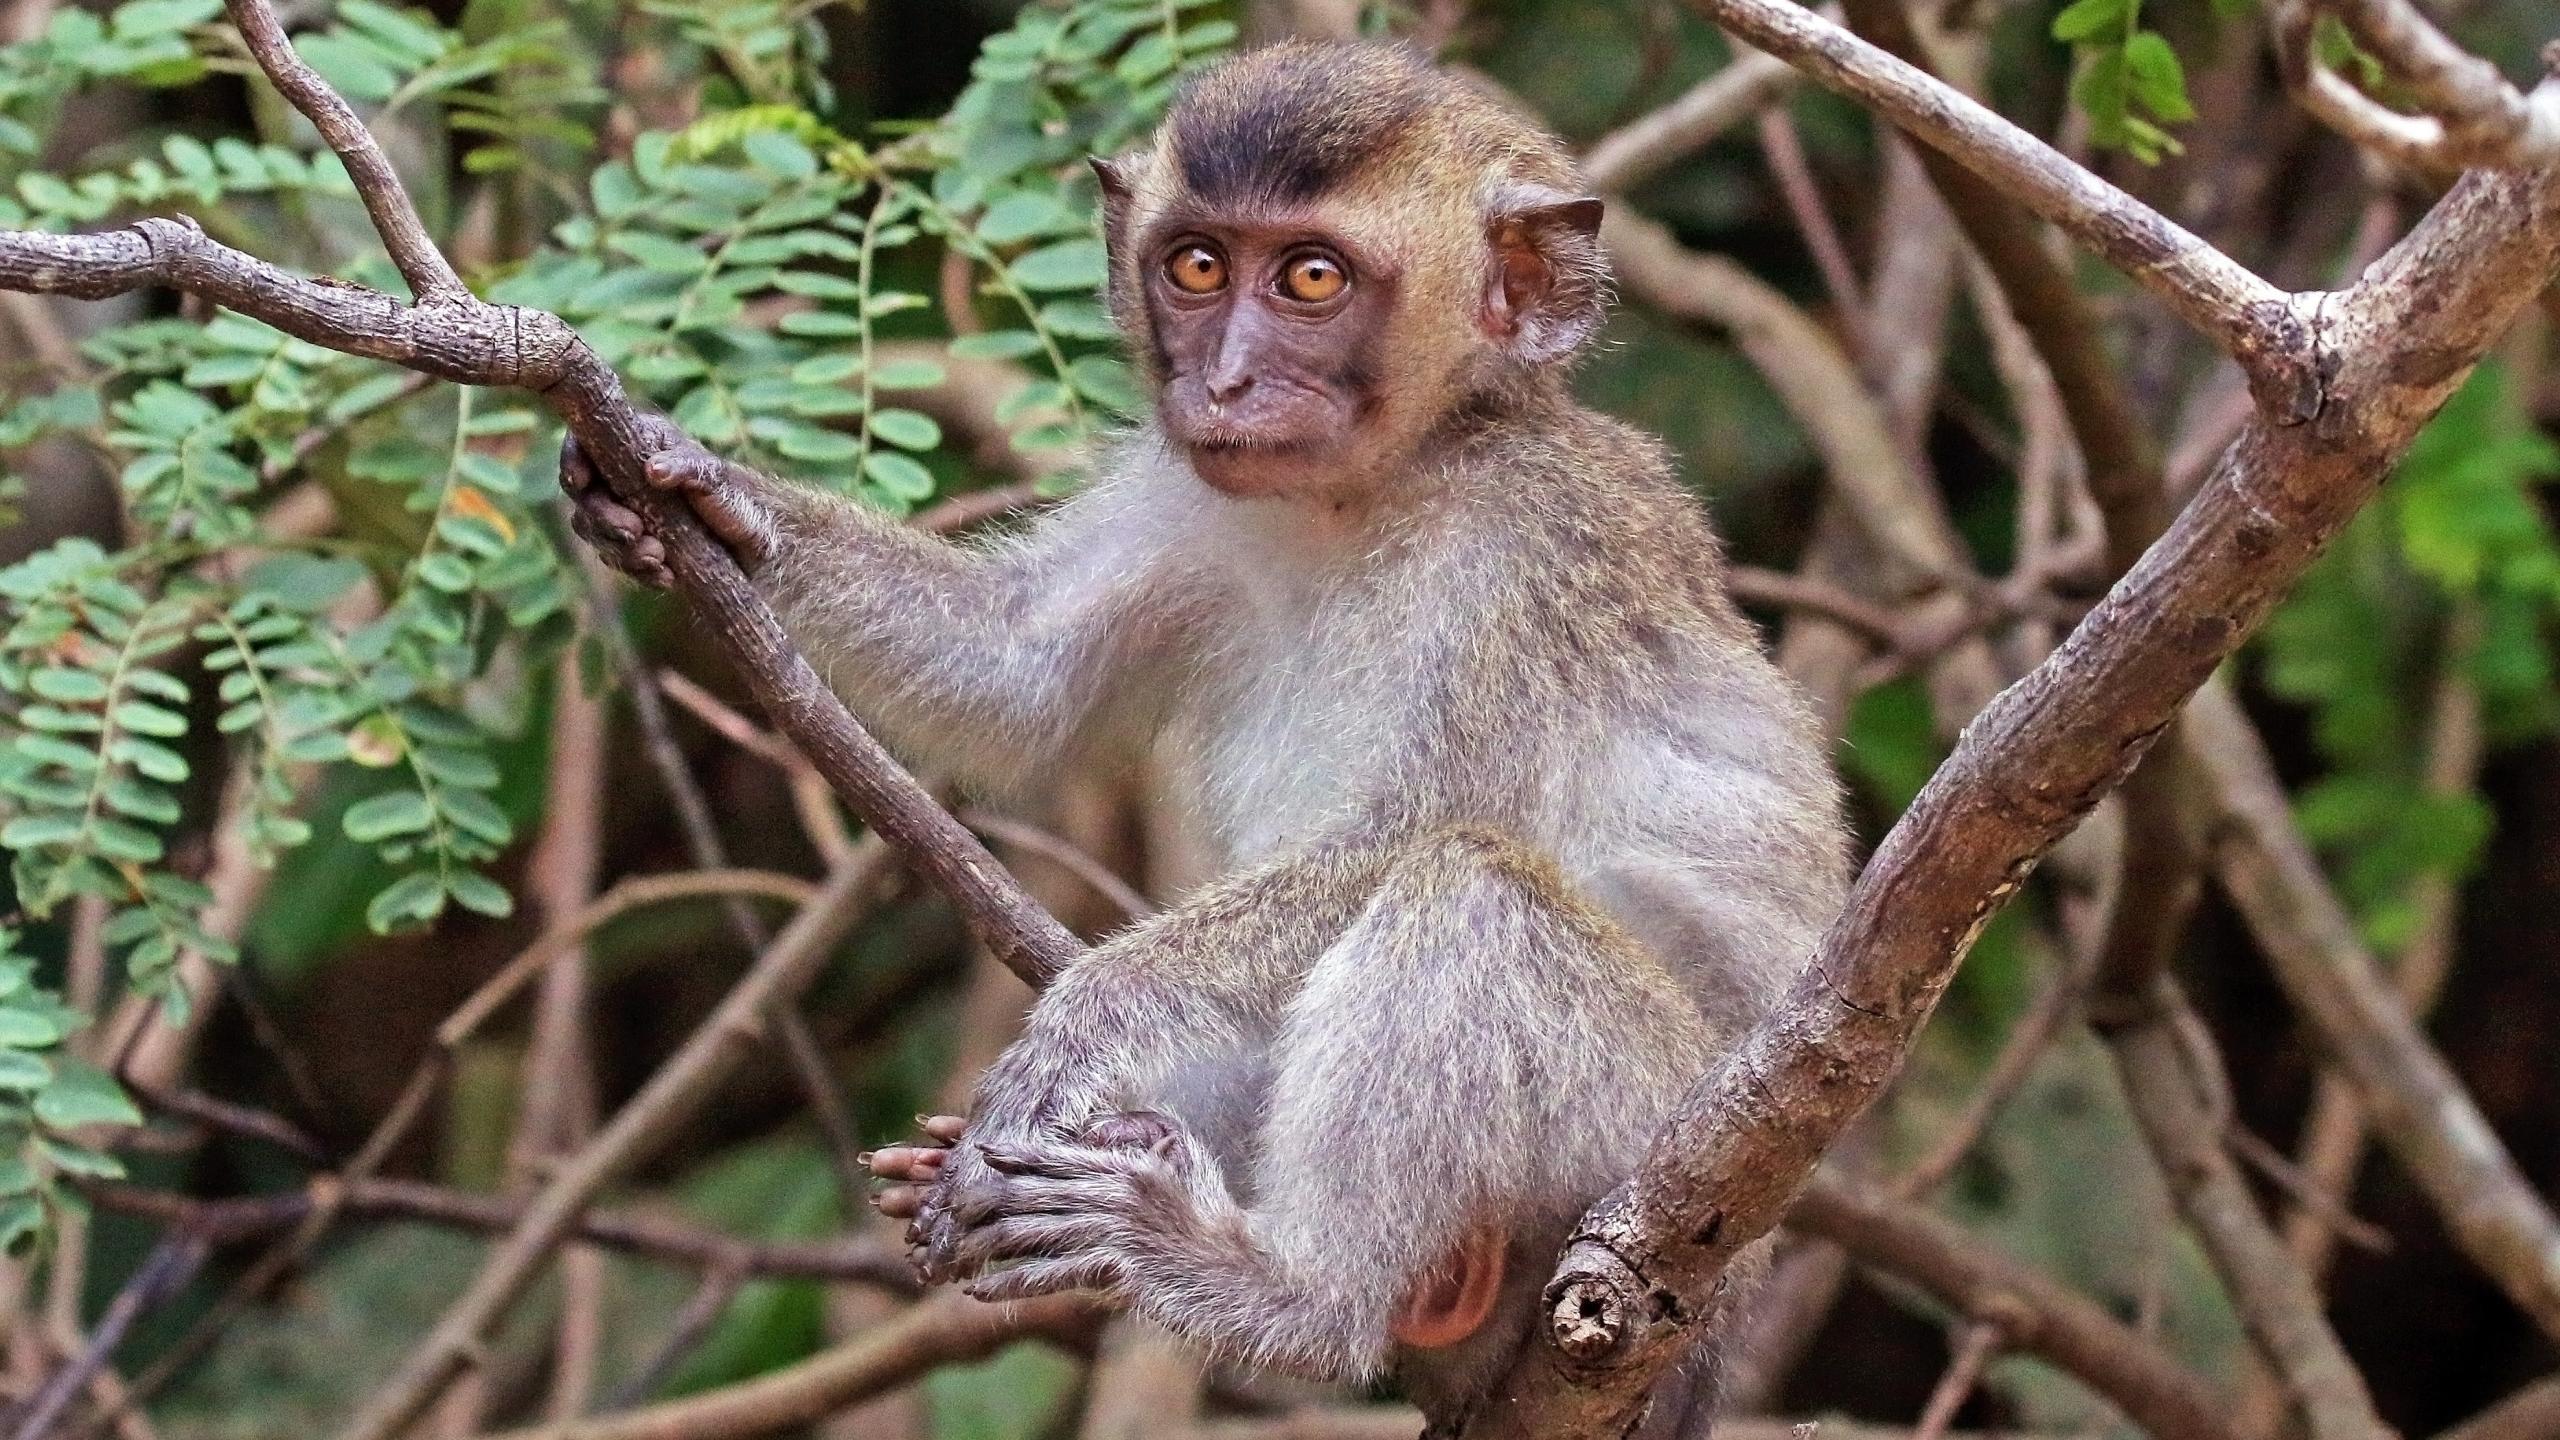 Ученые предупредили о росте численности инвазивных видов более чем на 30% к 2050 году